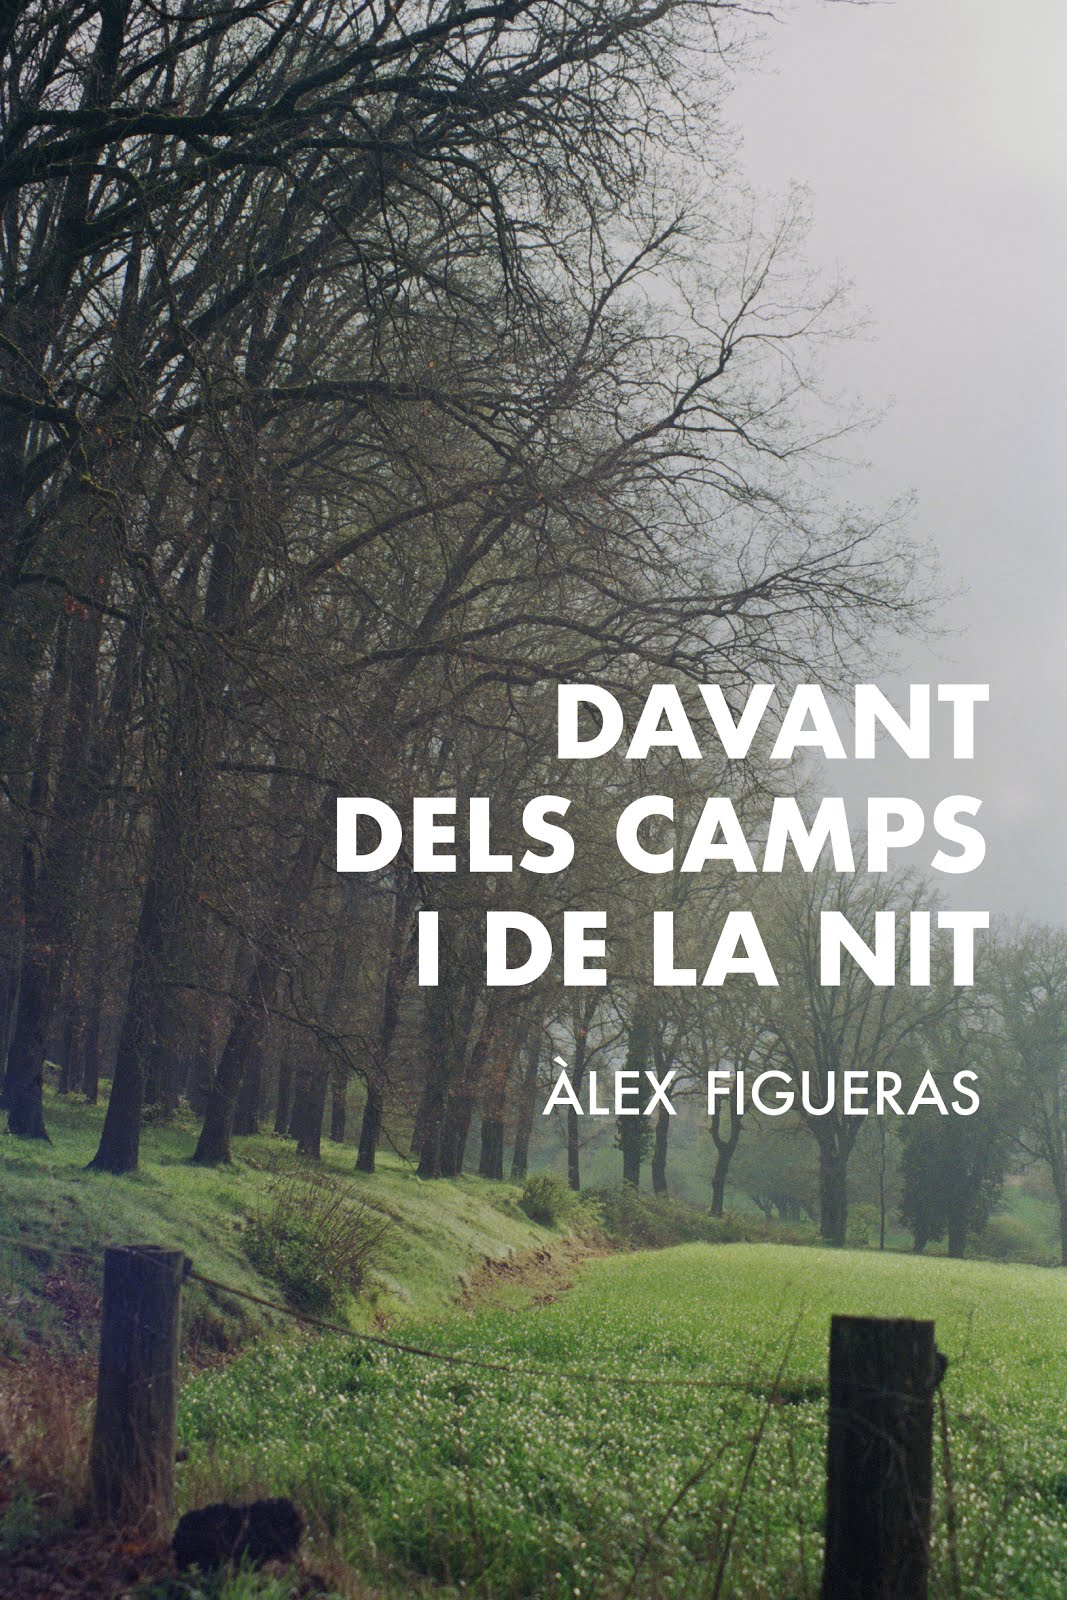 Davant dels camps i de la nit